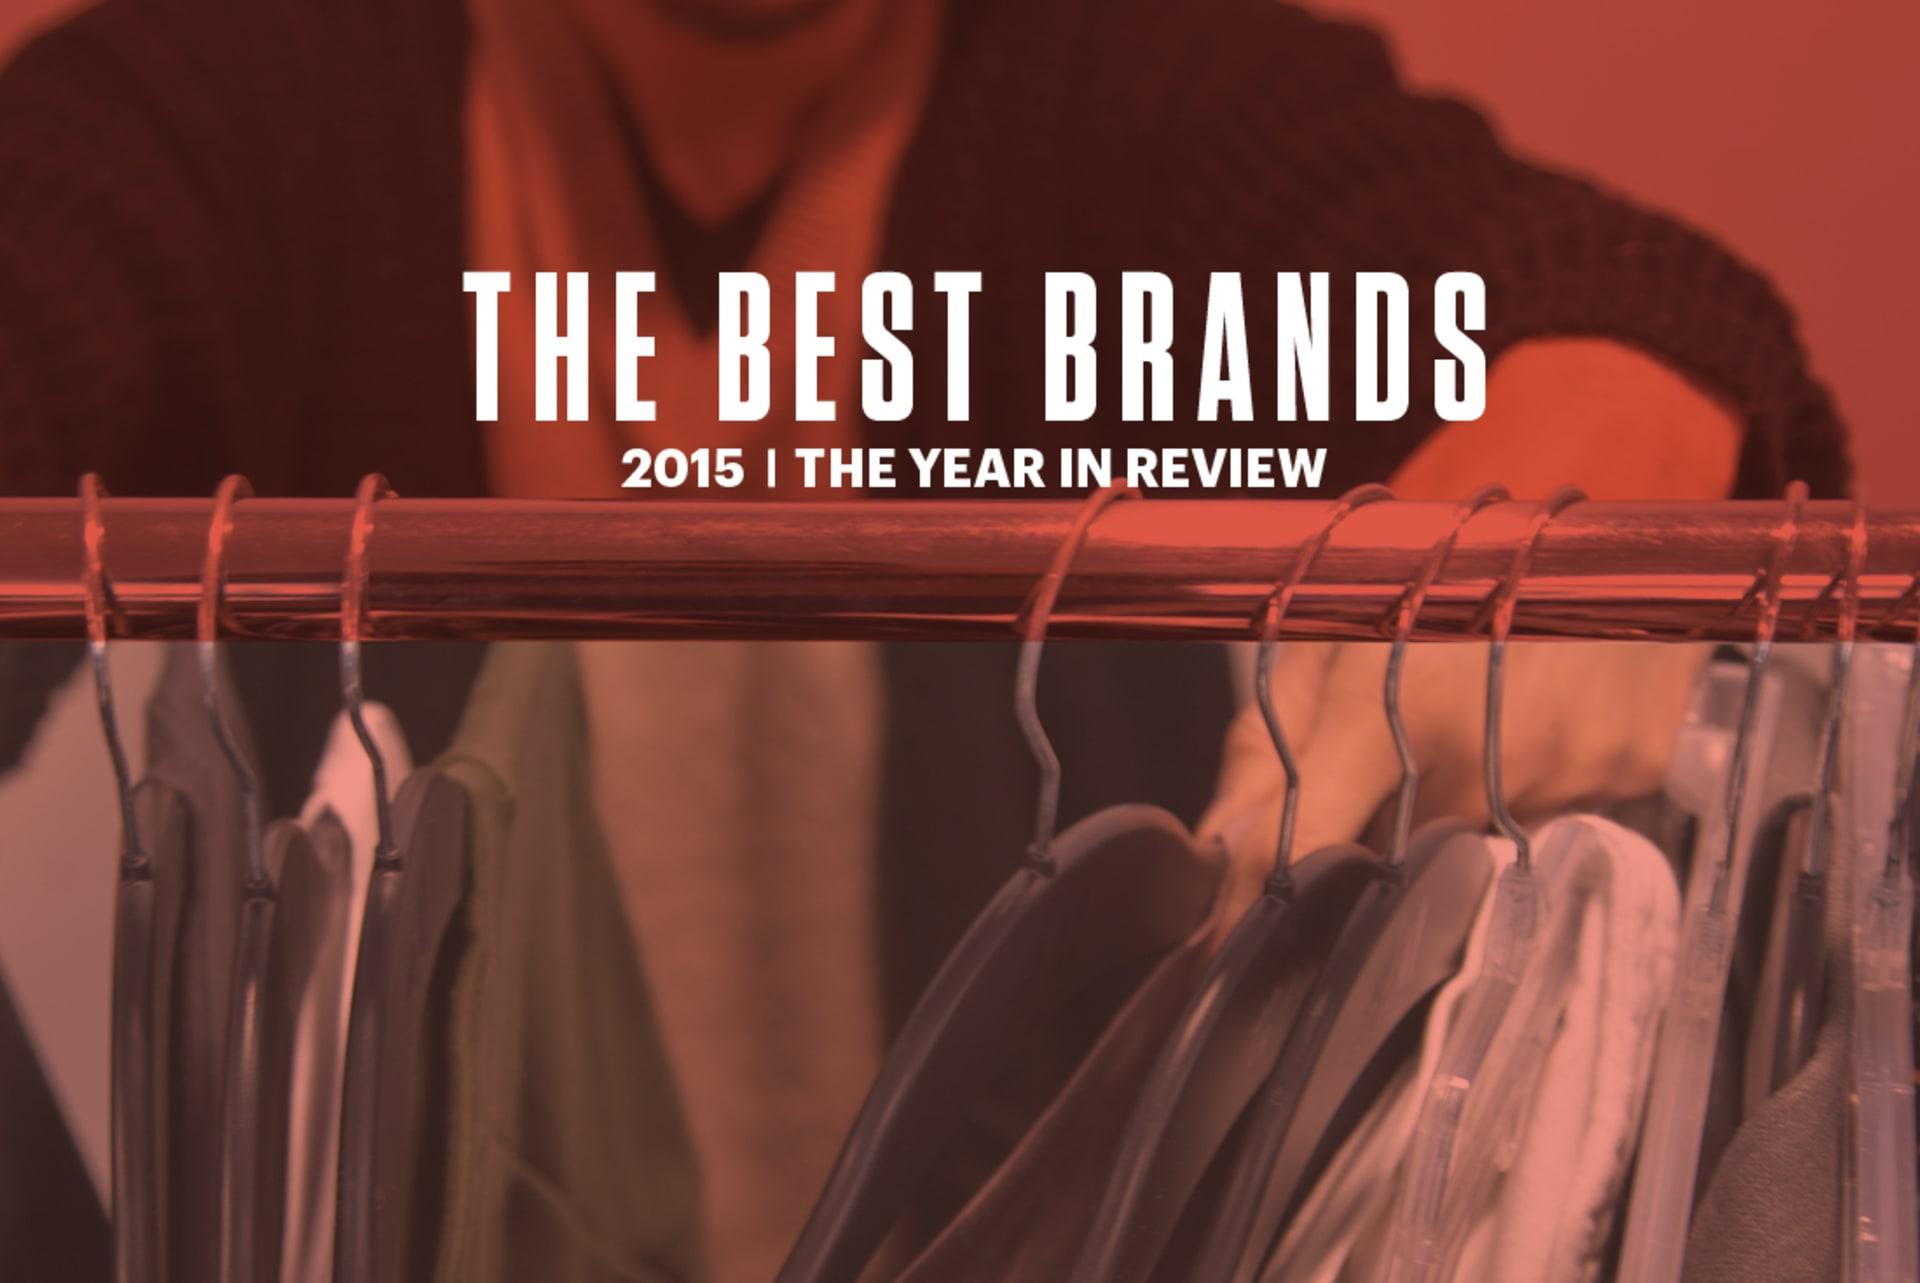 Best Men's Style Brands of 2015